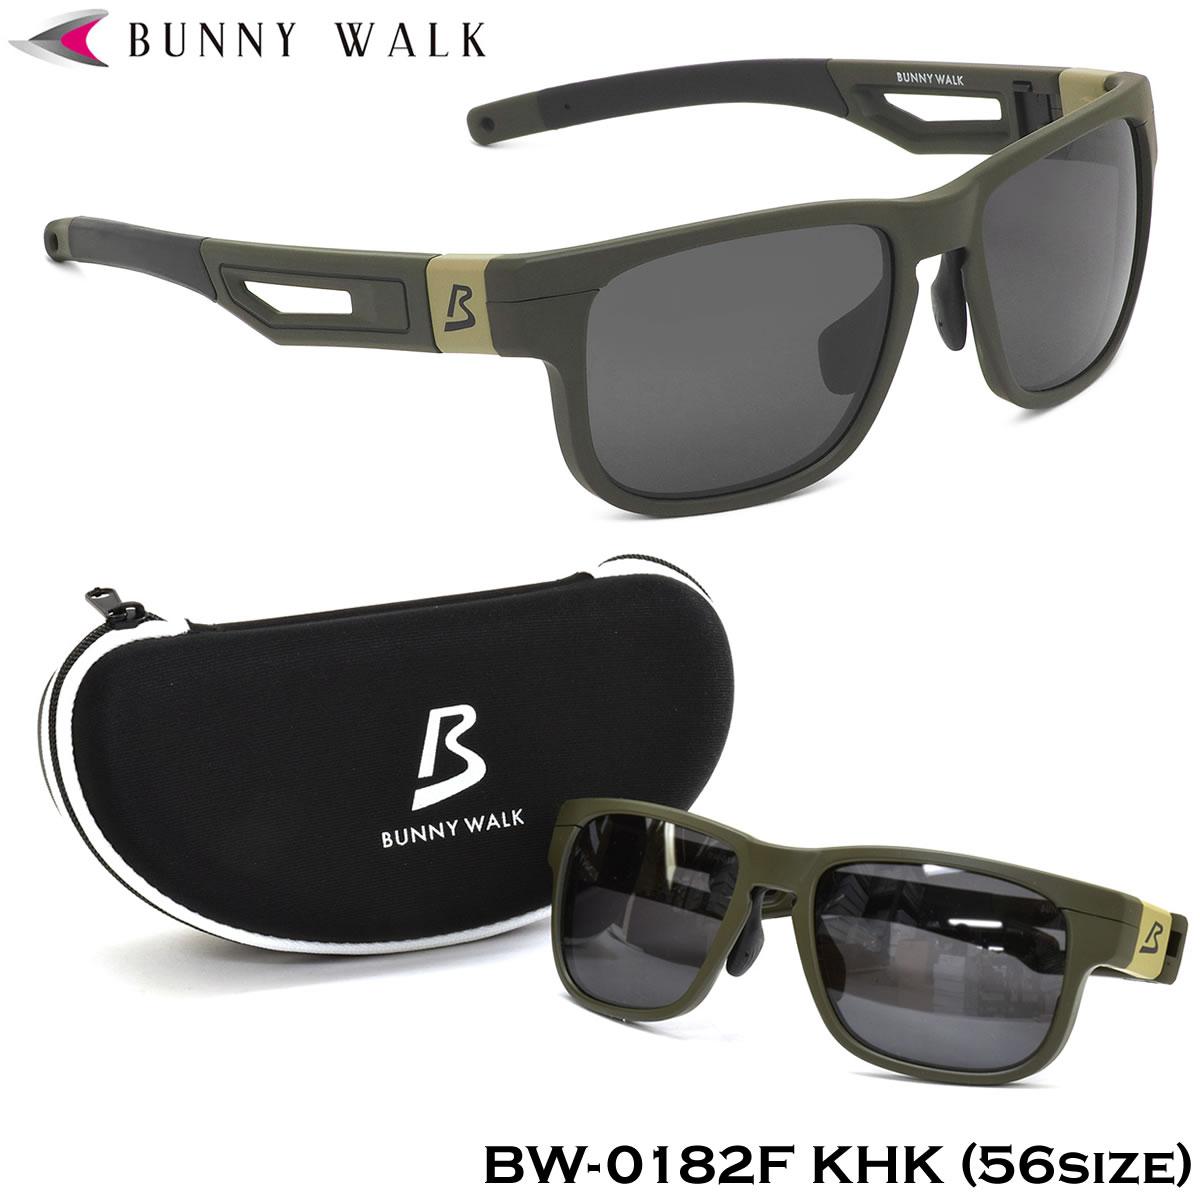 BUNNY WALK バニーウォーク サングラスBW-0182F KHK 56サイズBW0182F BW-018 BW018 Lサイズ 偏光サングラス 偏光レンズ スクエア ポリカーボネートバニーウォーク BUNNYWALK メンズ レディース